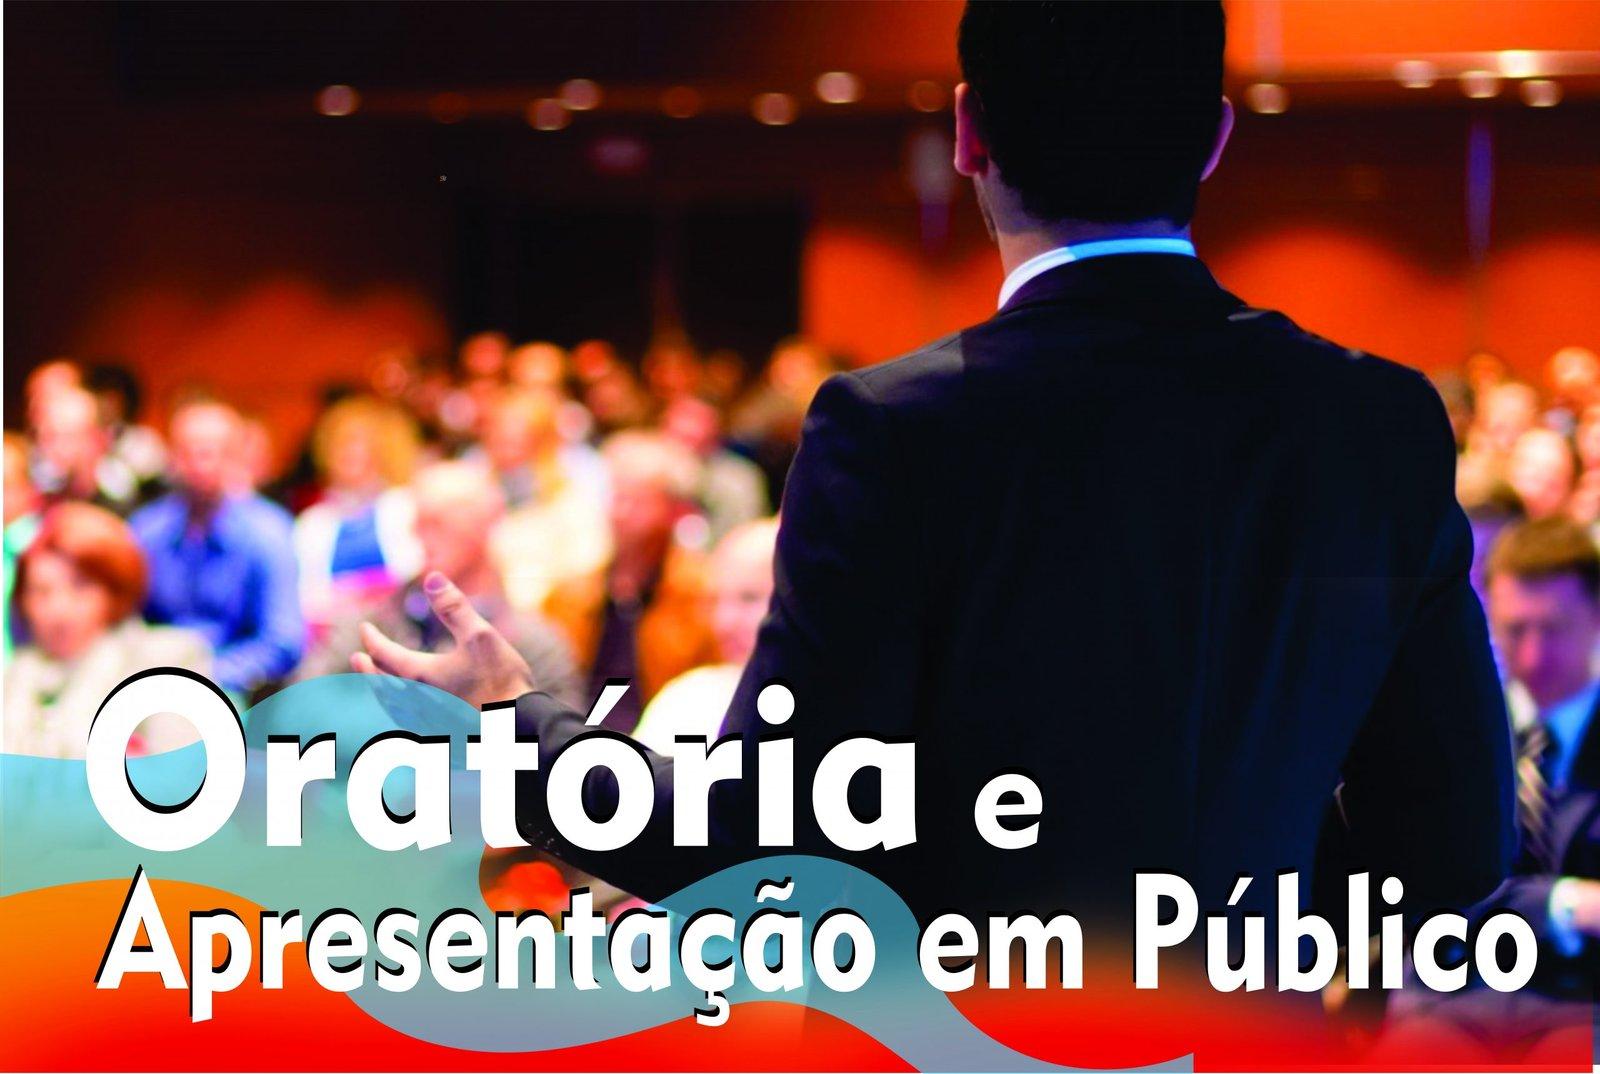 curso oratoria e apresentação em público